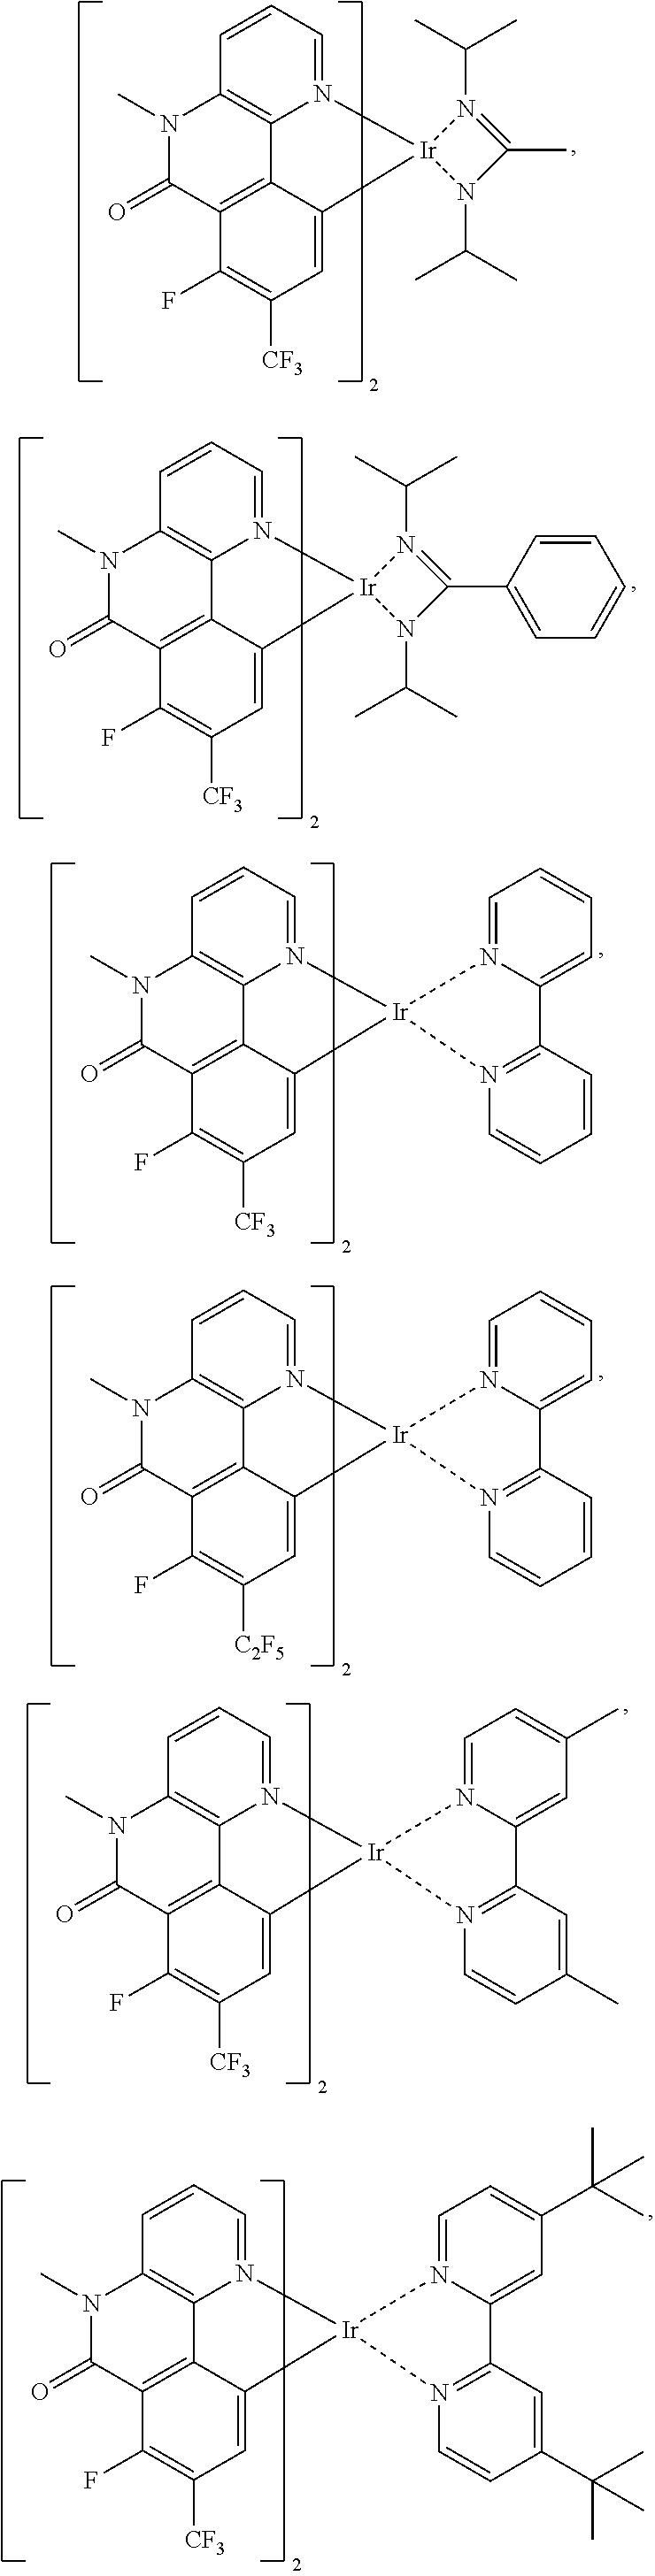 Figure US09634266-20170425-C00018